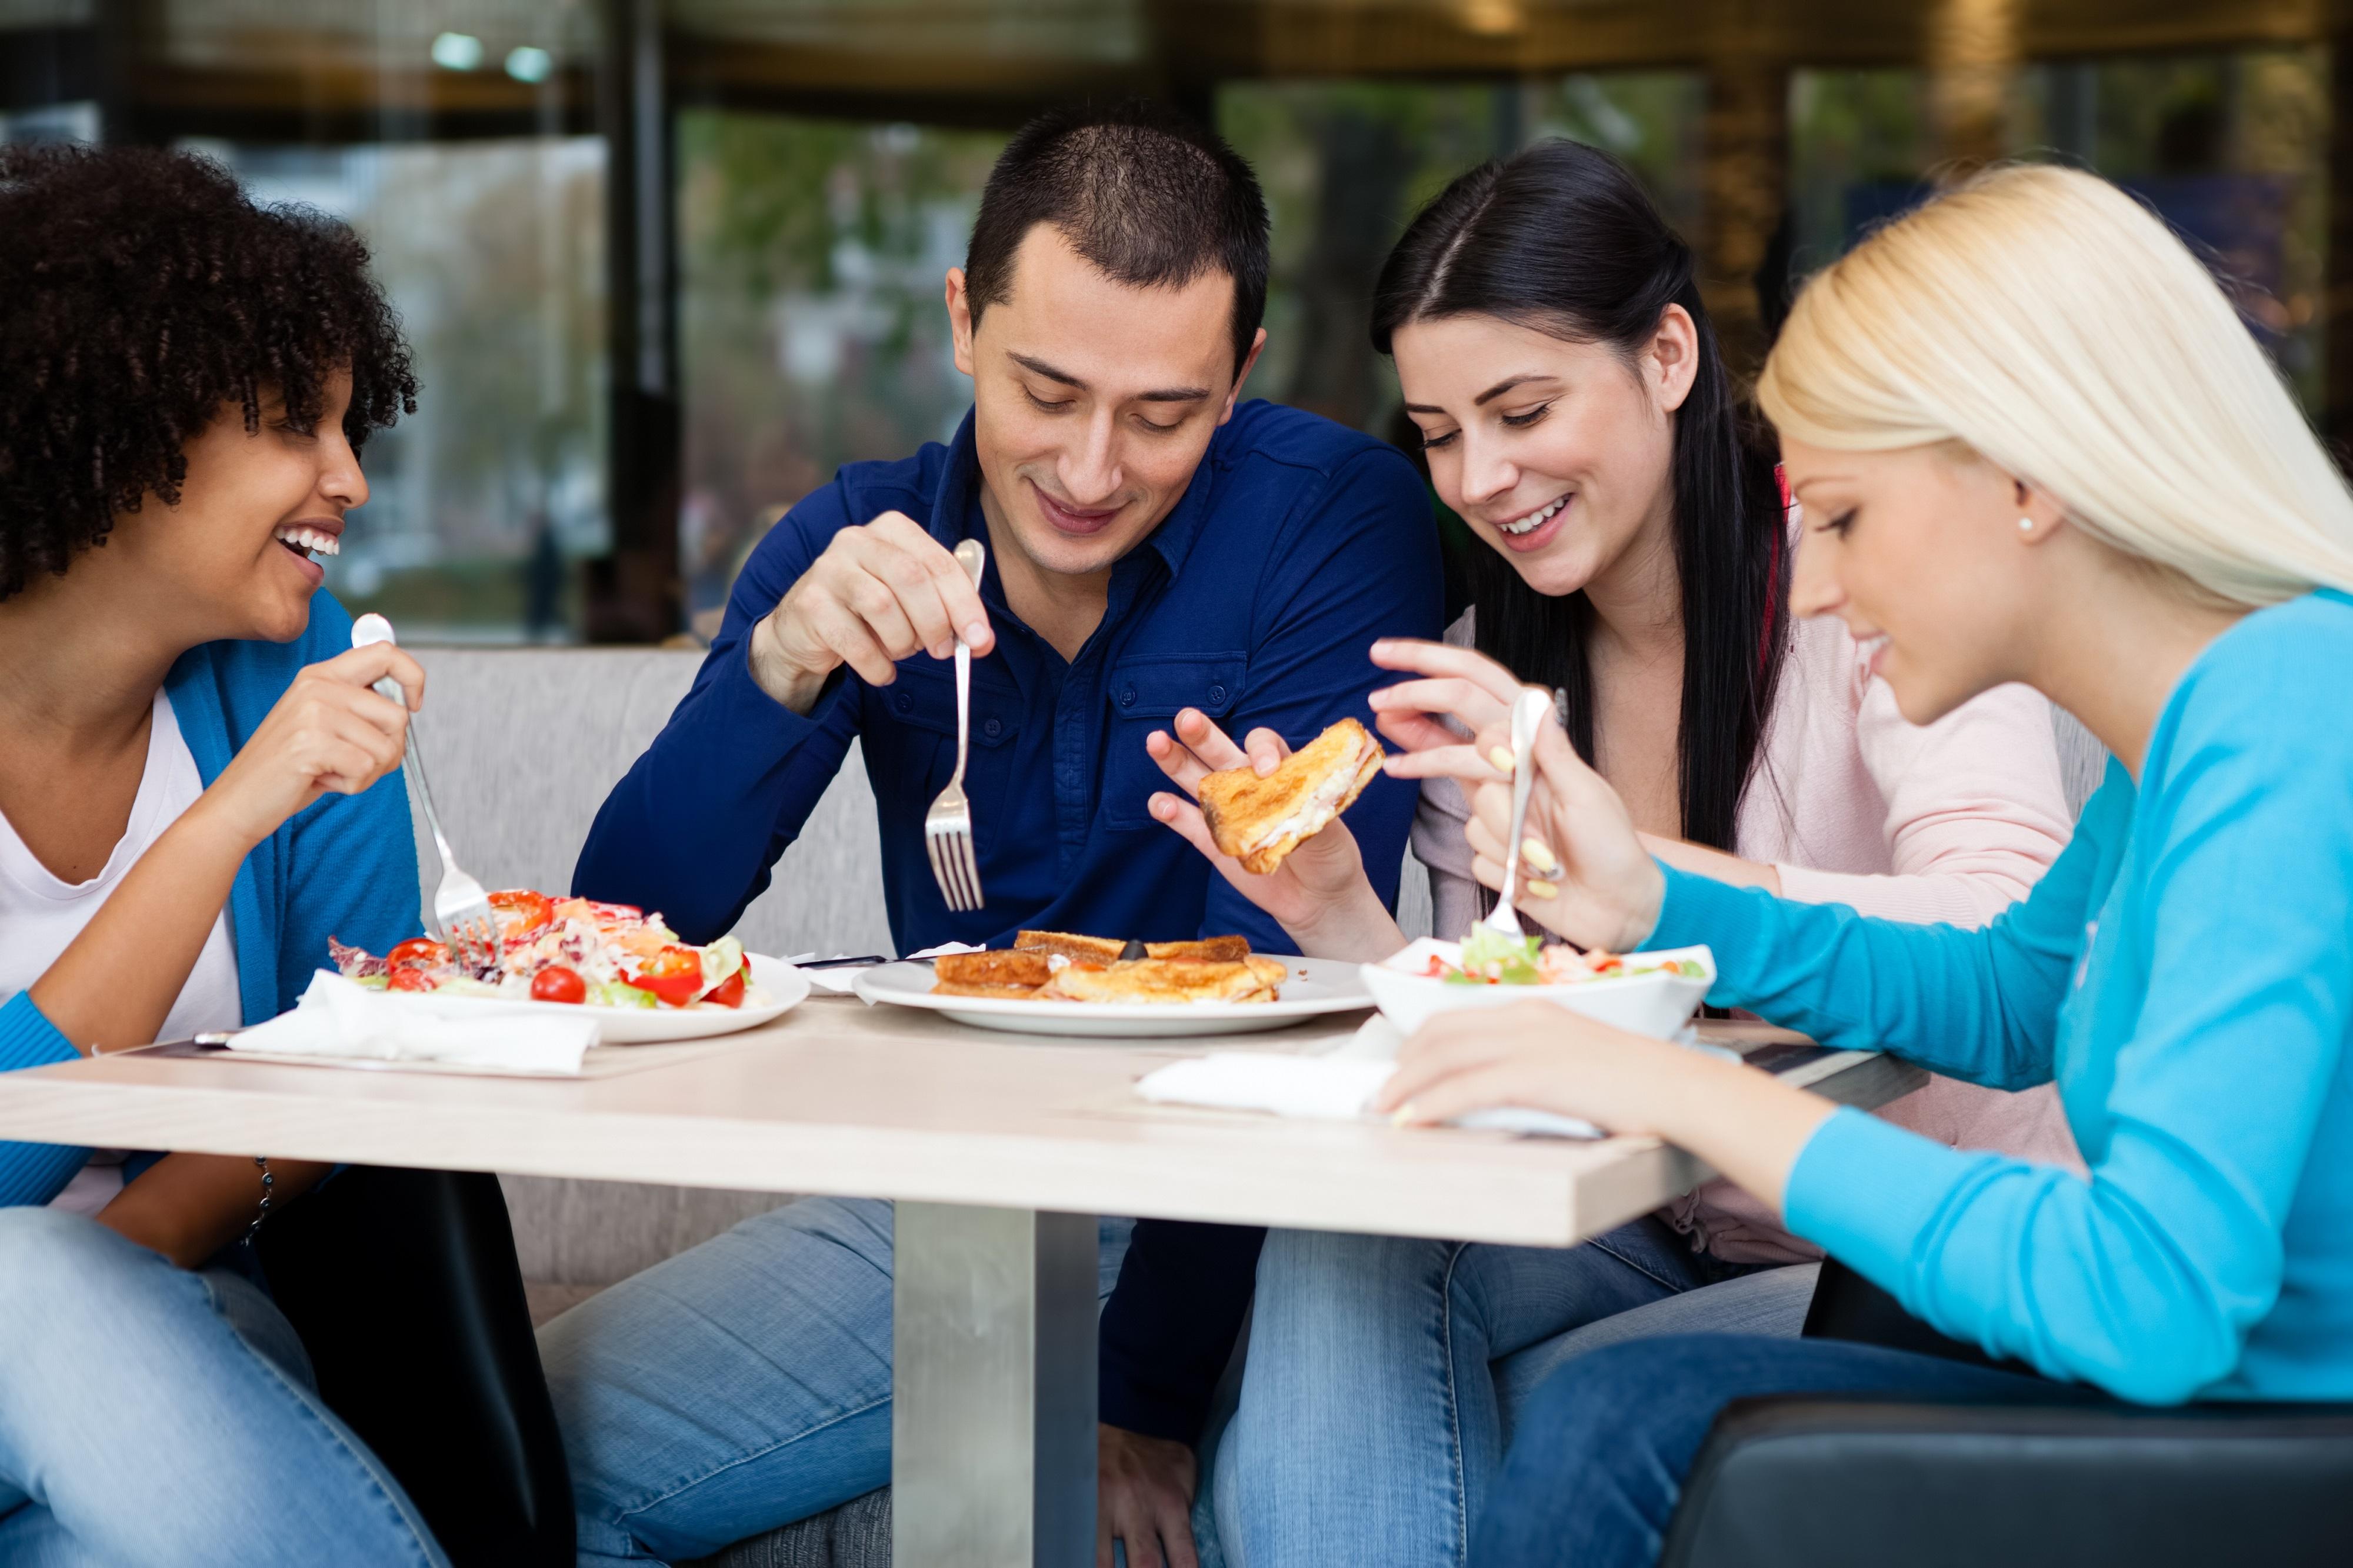 Resultado de imagen para eating university